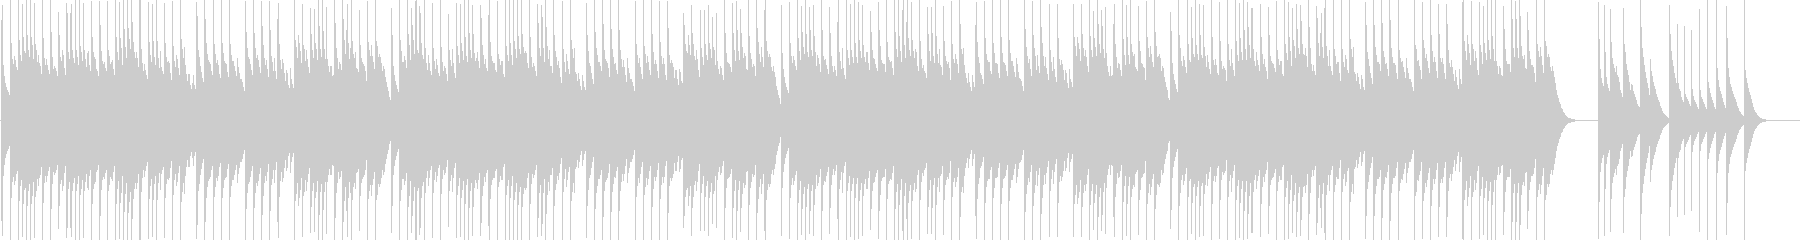 【オルゴール】クリスマス曲Wewish3の未再生の波形